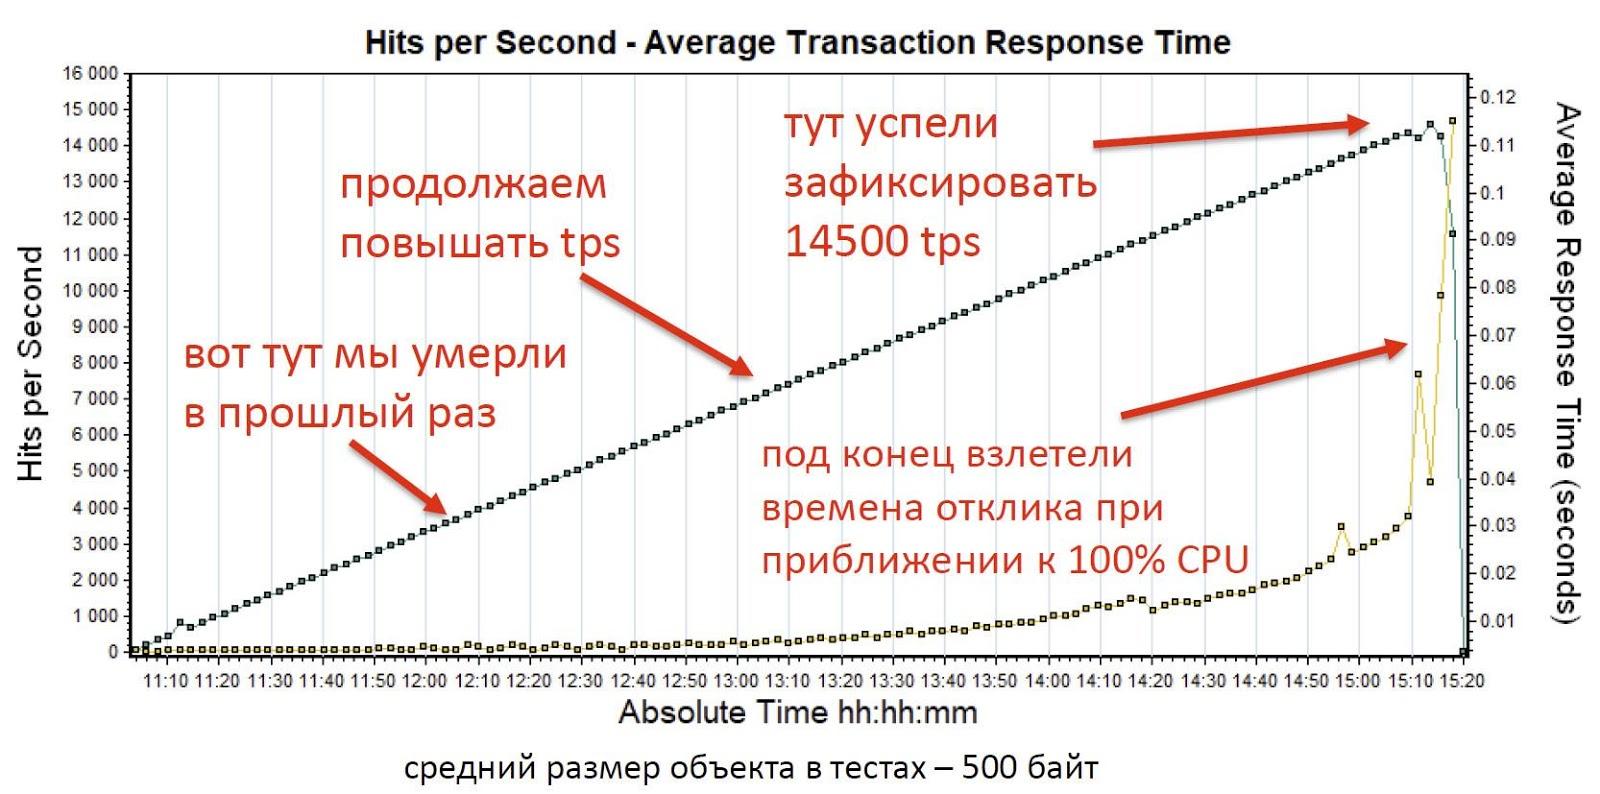 Как мы делали ядро инвестиционного бизнеса «Альфа-Банка» на базе Tarantool - 12